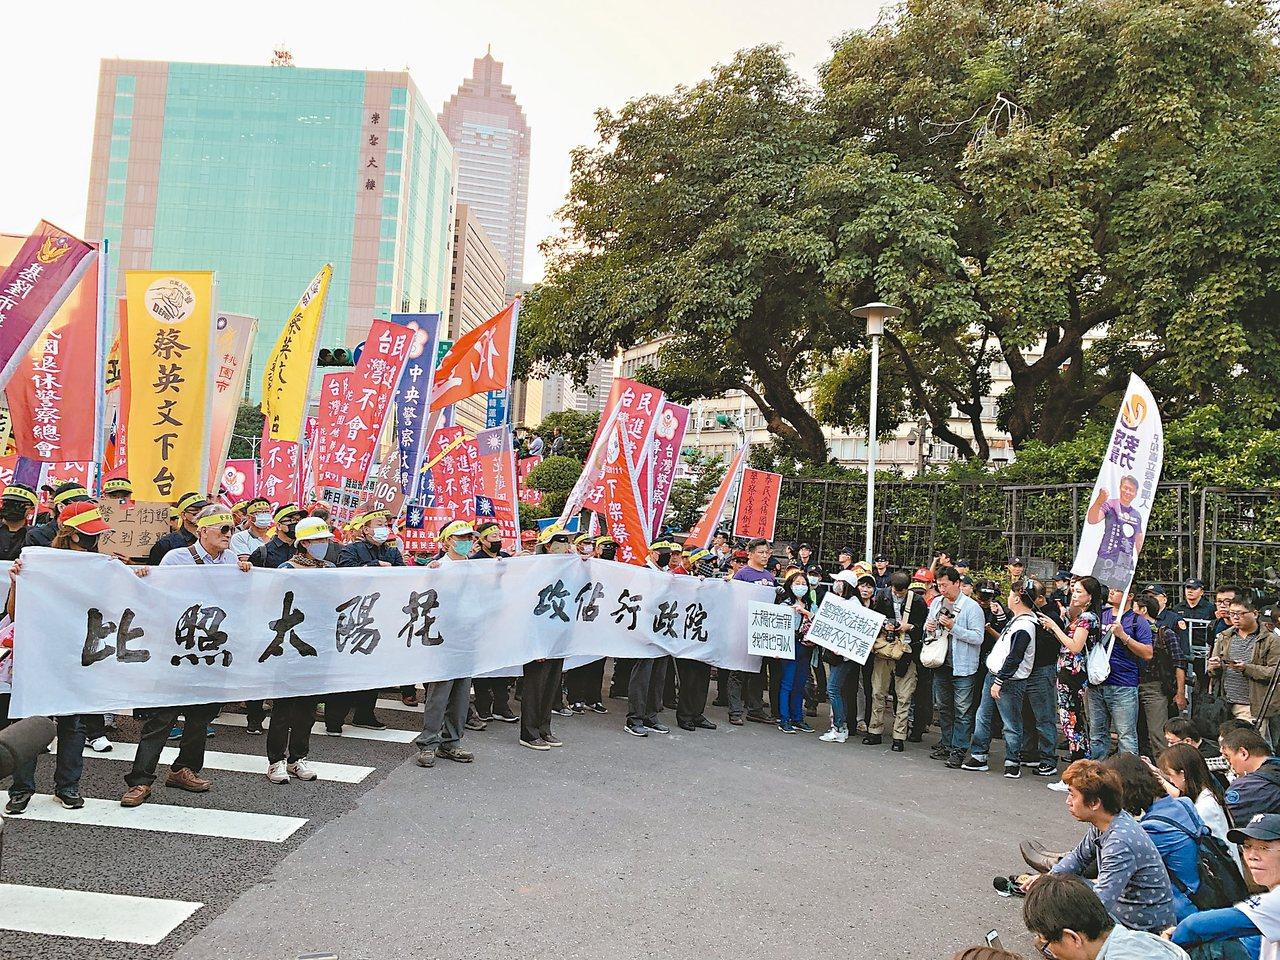 中華民國退休警察協會不滿台北地院針對「太陽花學運」遭警驅離聲請國賠案判決,12日...